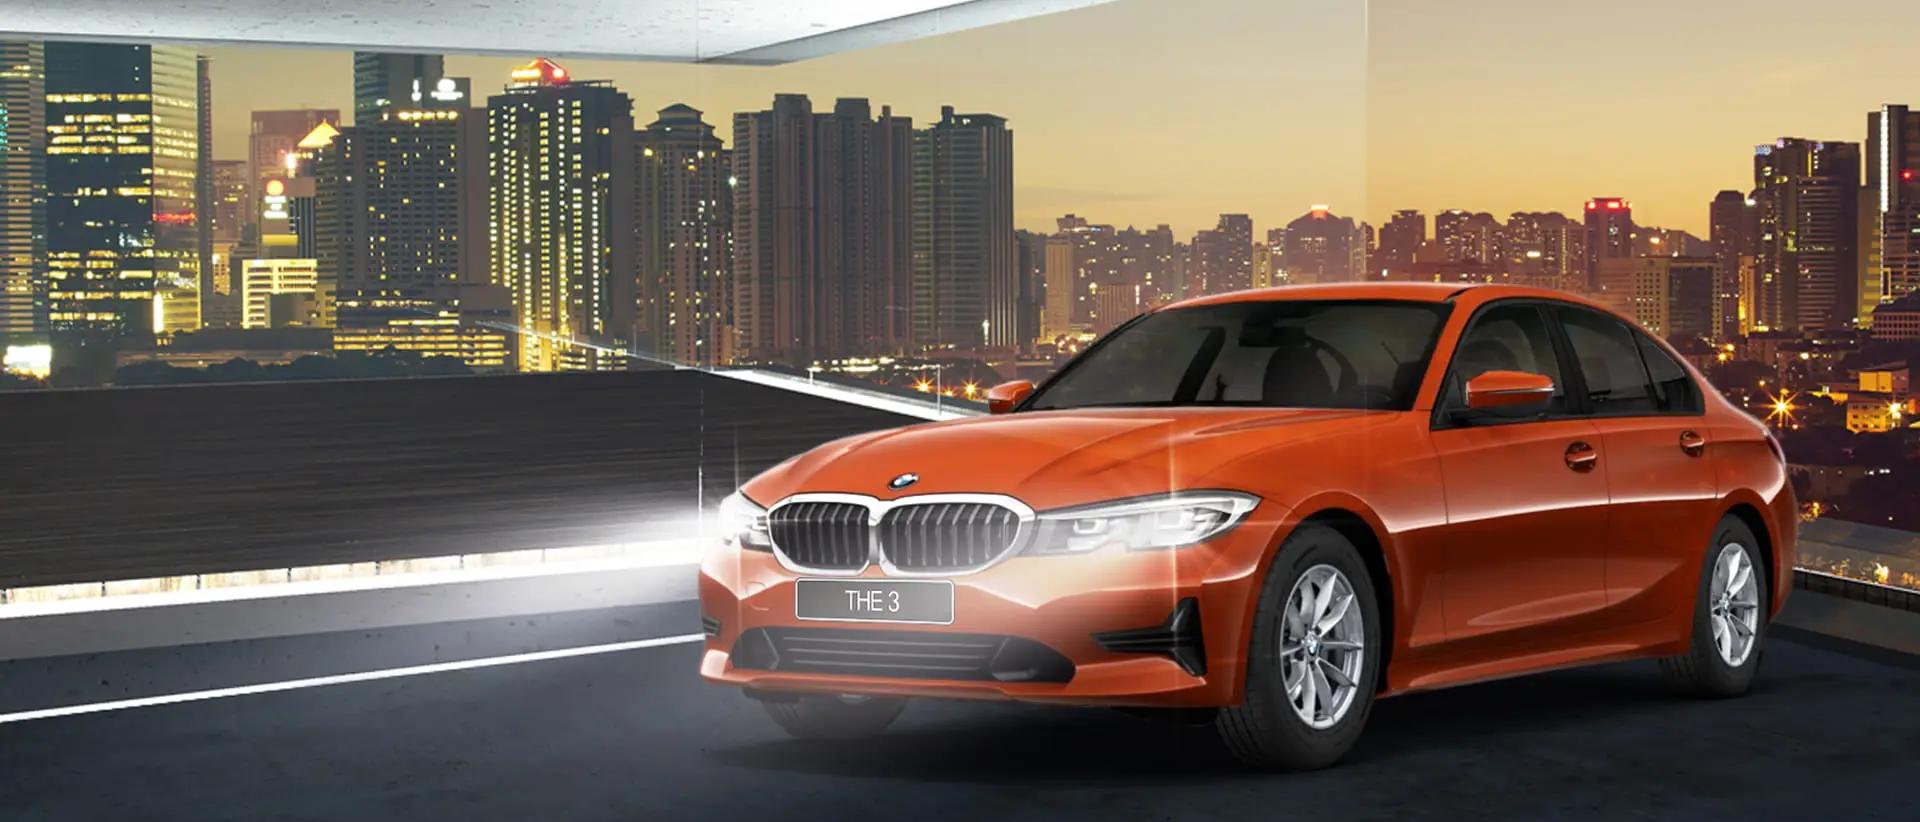 Купить новый БМВ 3 серии в Москве в автосалоне официального дилера BMW Автодом Внуково